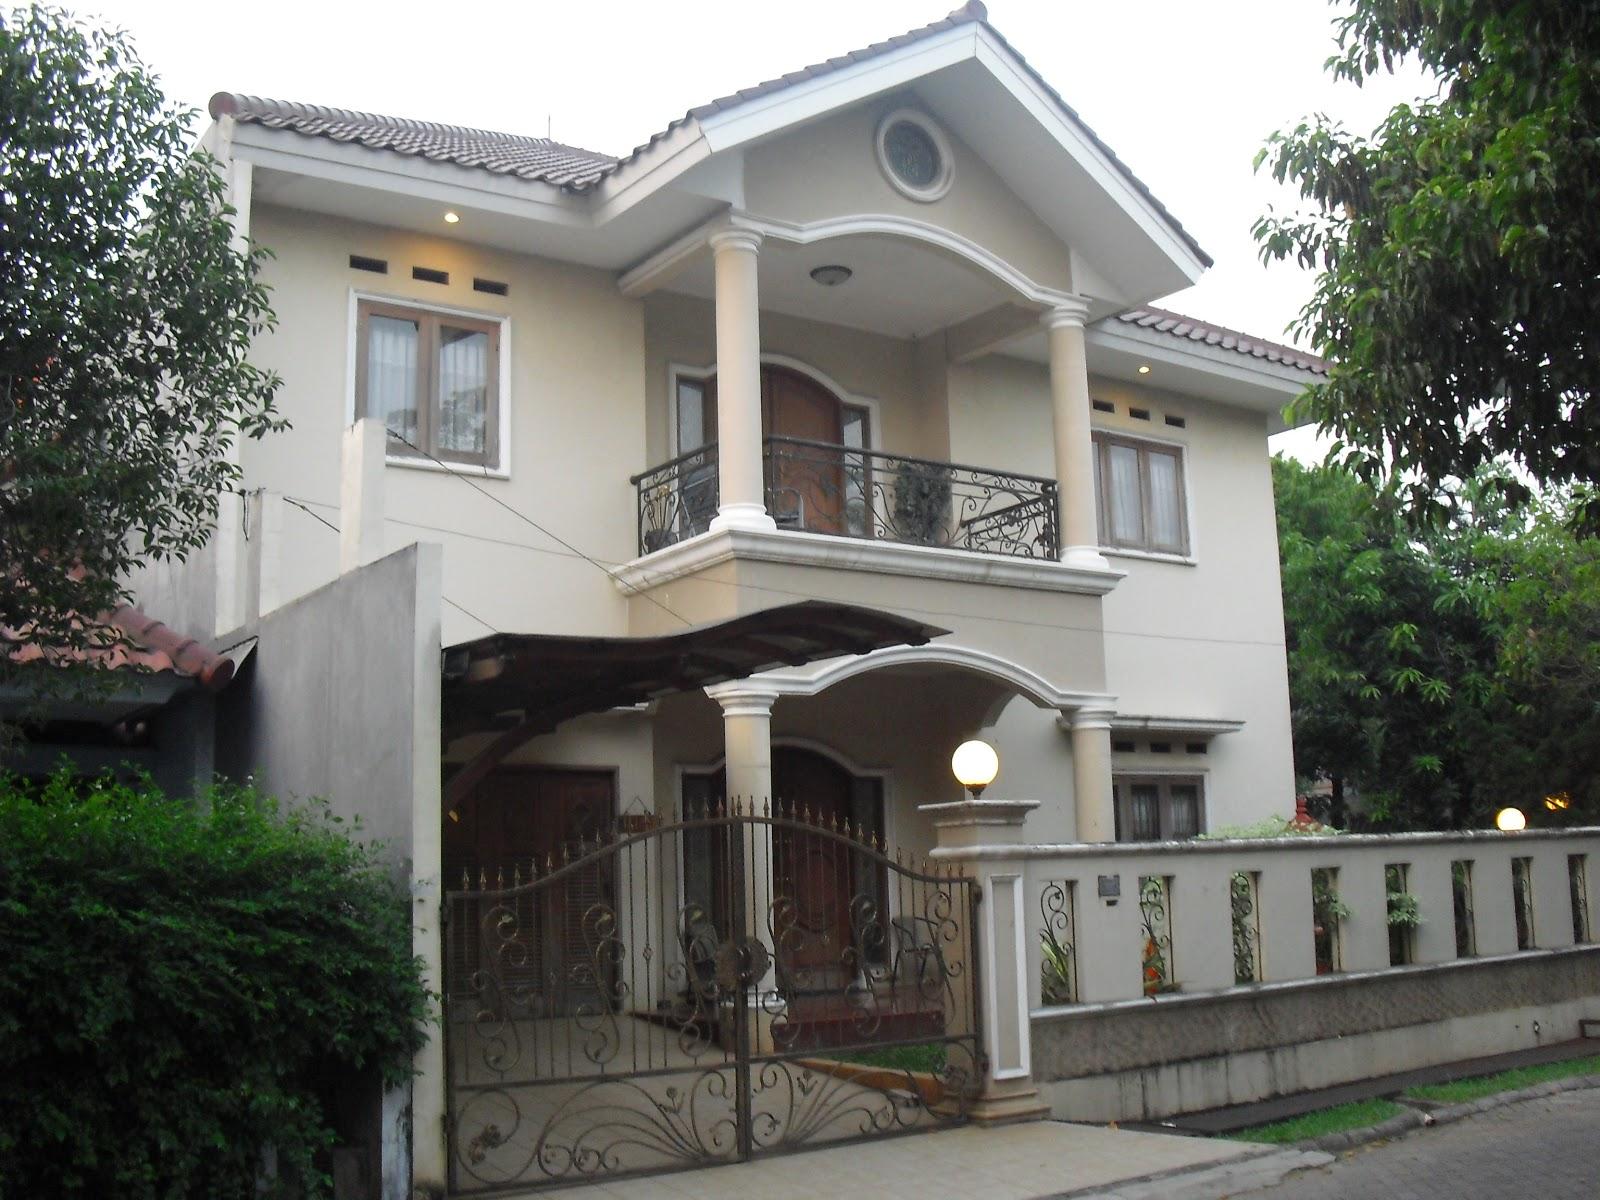 Panduan Bangunan Rumah: Desain Renovasi Rumah Klasik Kontemporer di Bintara